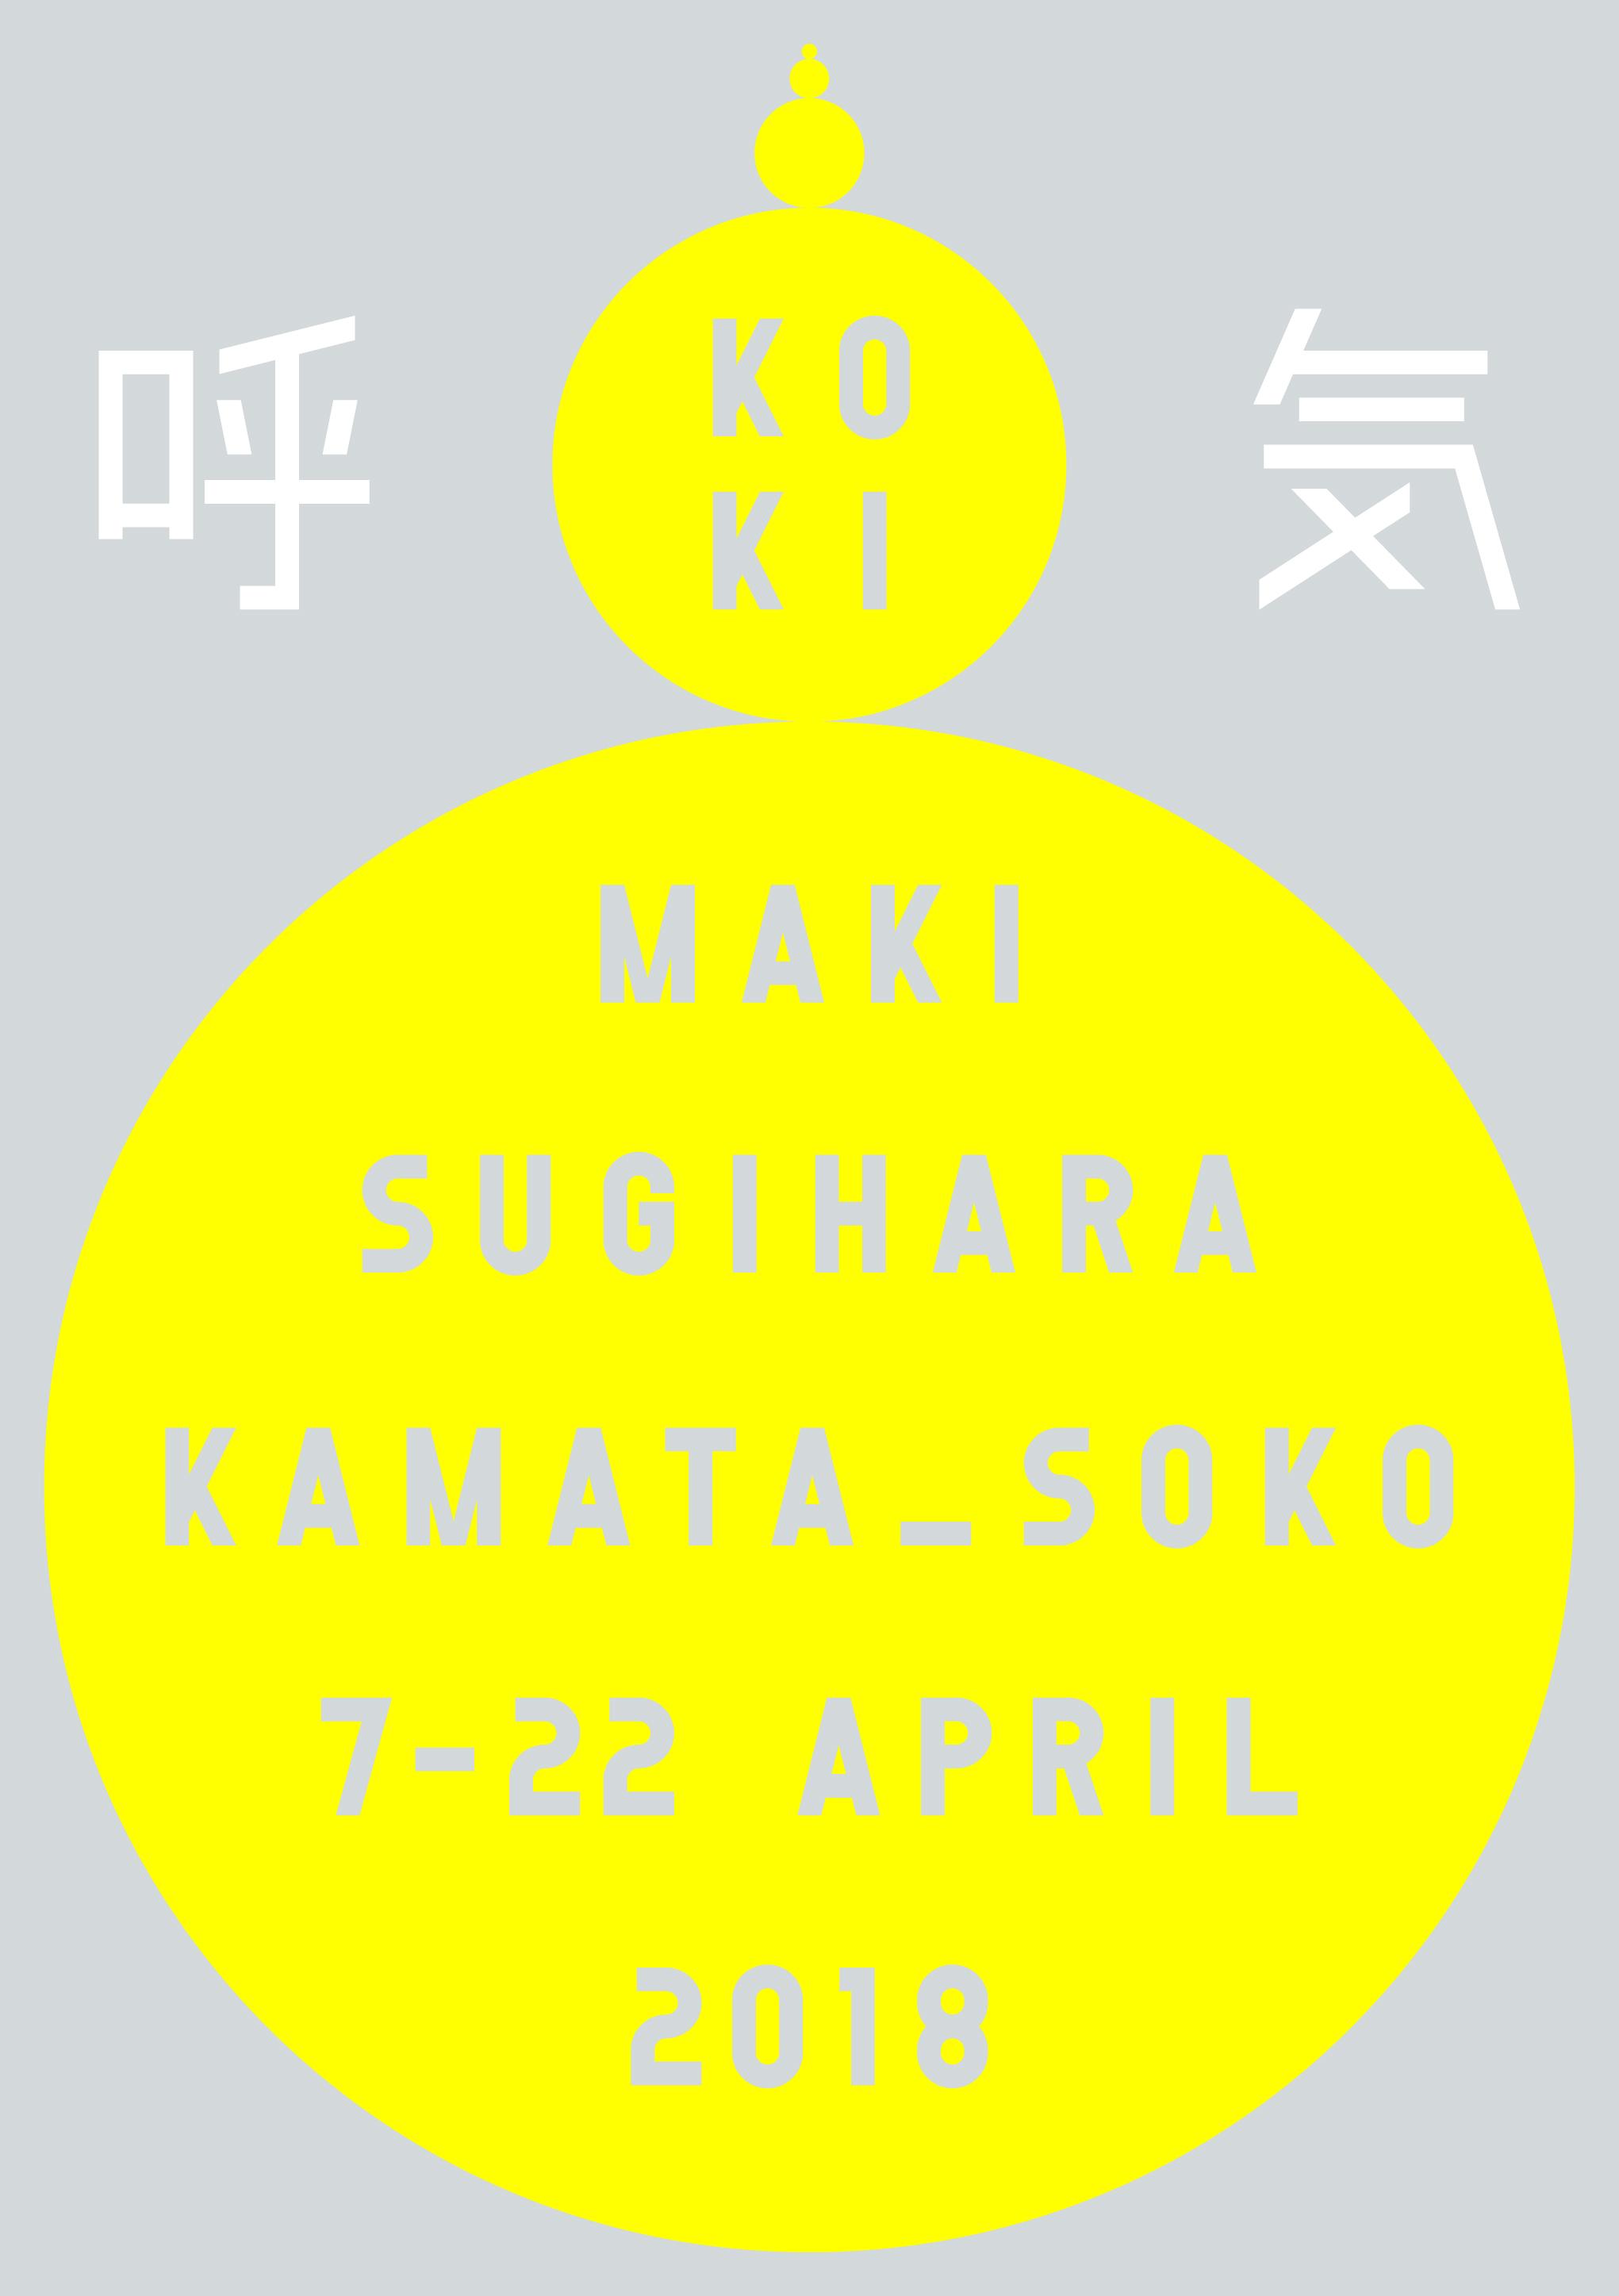 呼吸を通じて見るアート?呼気 KOKI 杉原真樹個展【今週のおすすめアート】